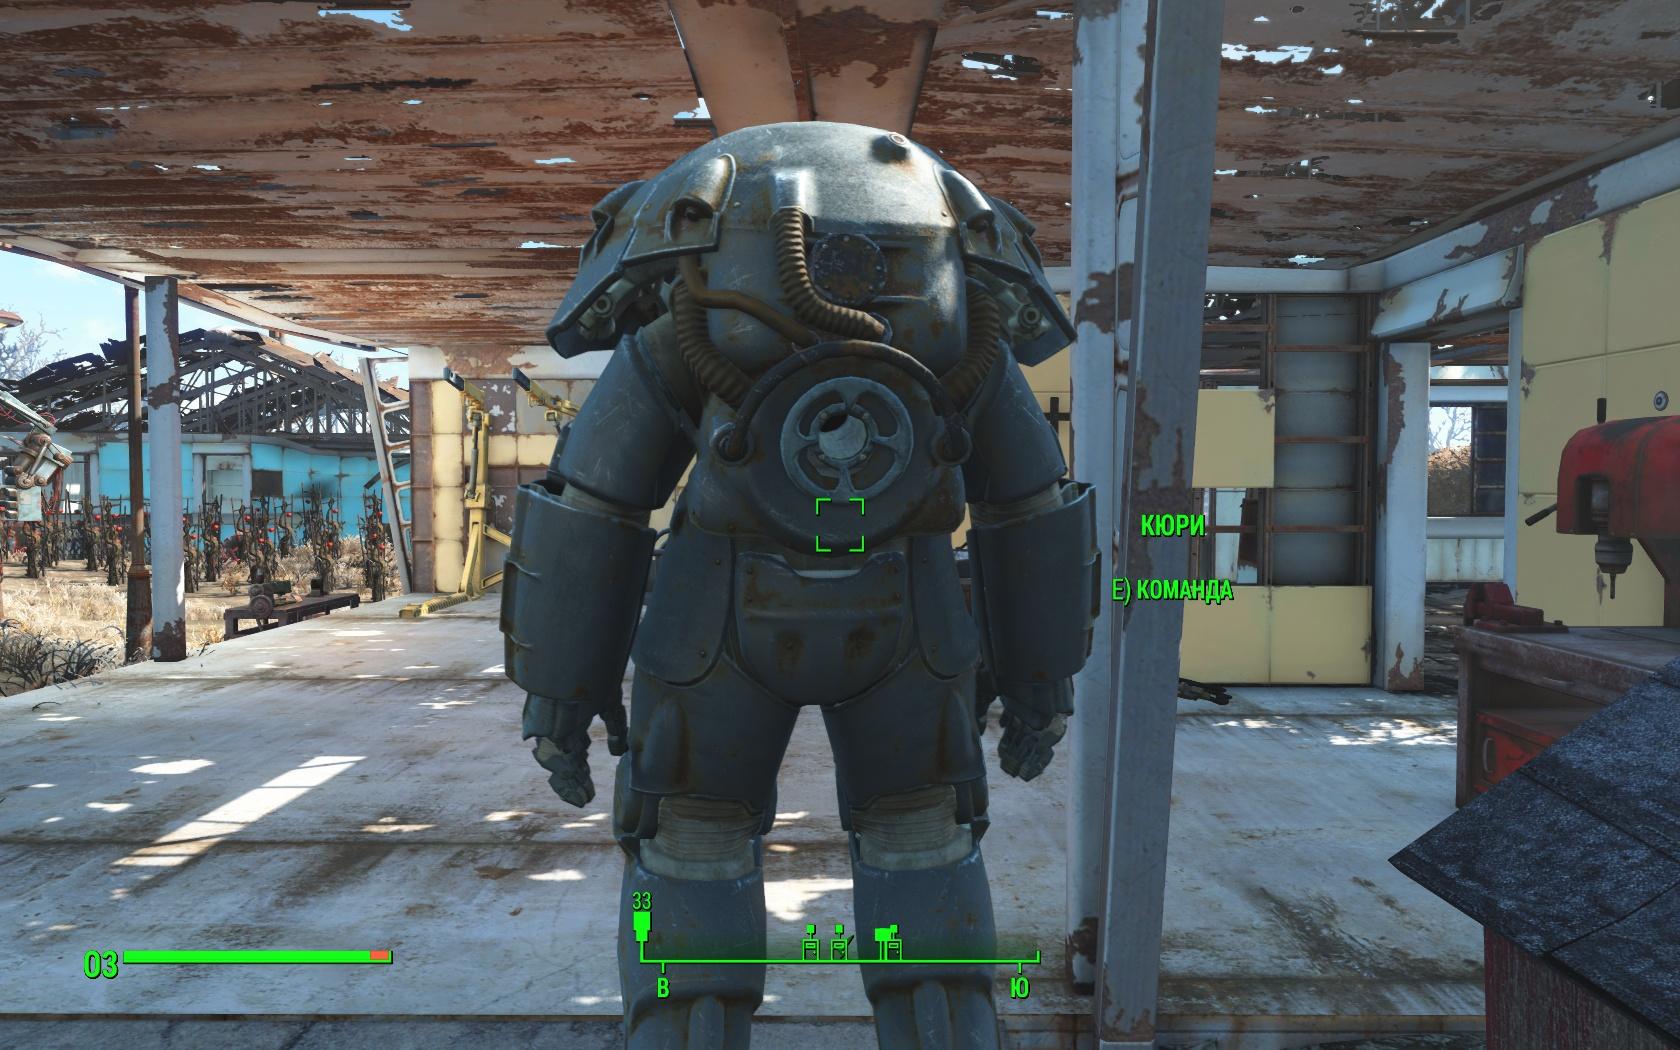 Кюри не нужен ядерный блок для силовой брони - по команде и так залезла - Fallout 4 блок, броня, силовая, силовая броня, ядерный